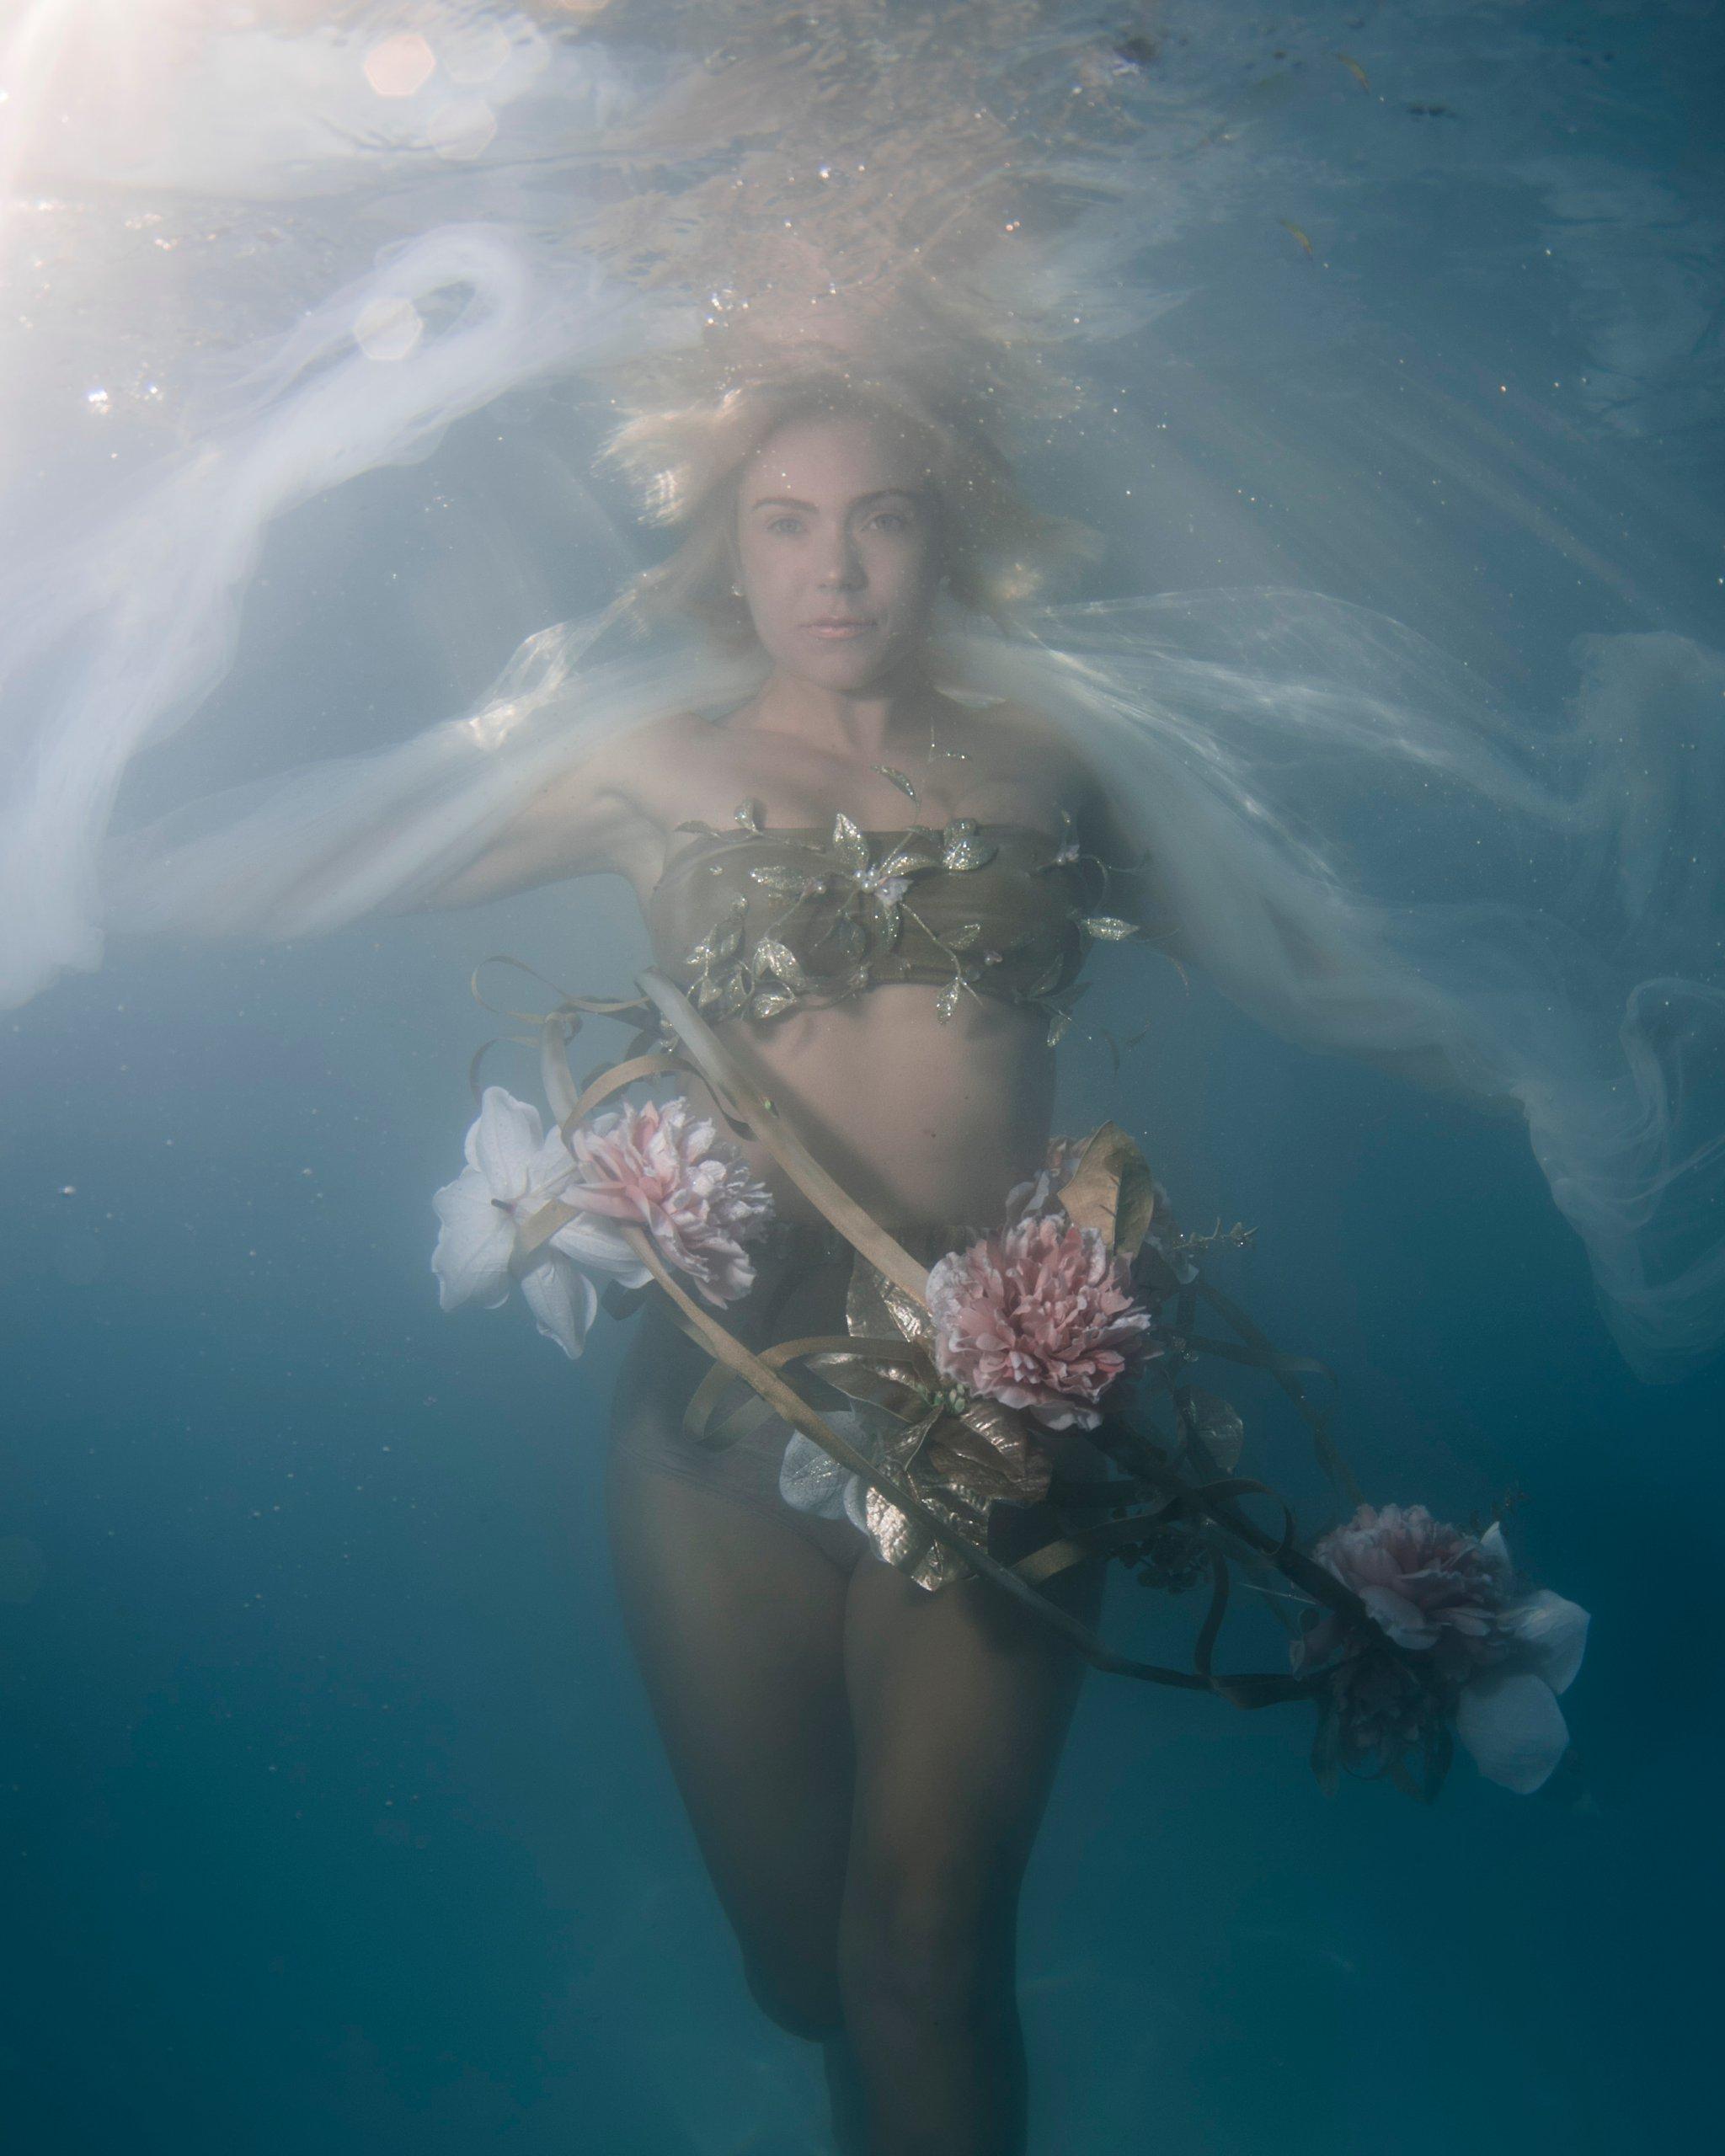 Arizona underwater fashion photographer underwater ballerina